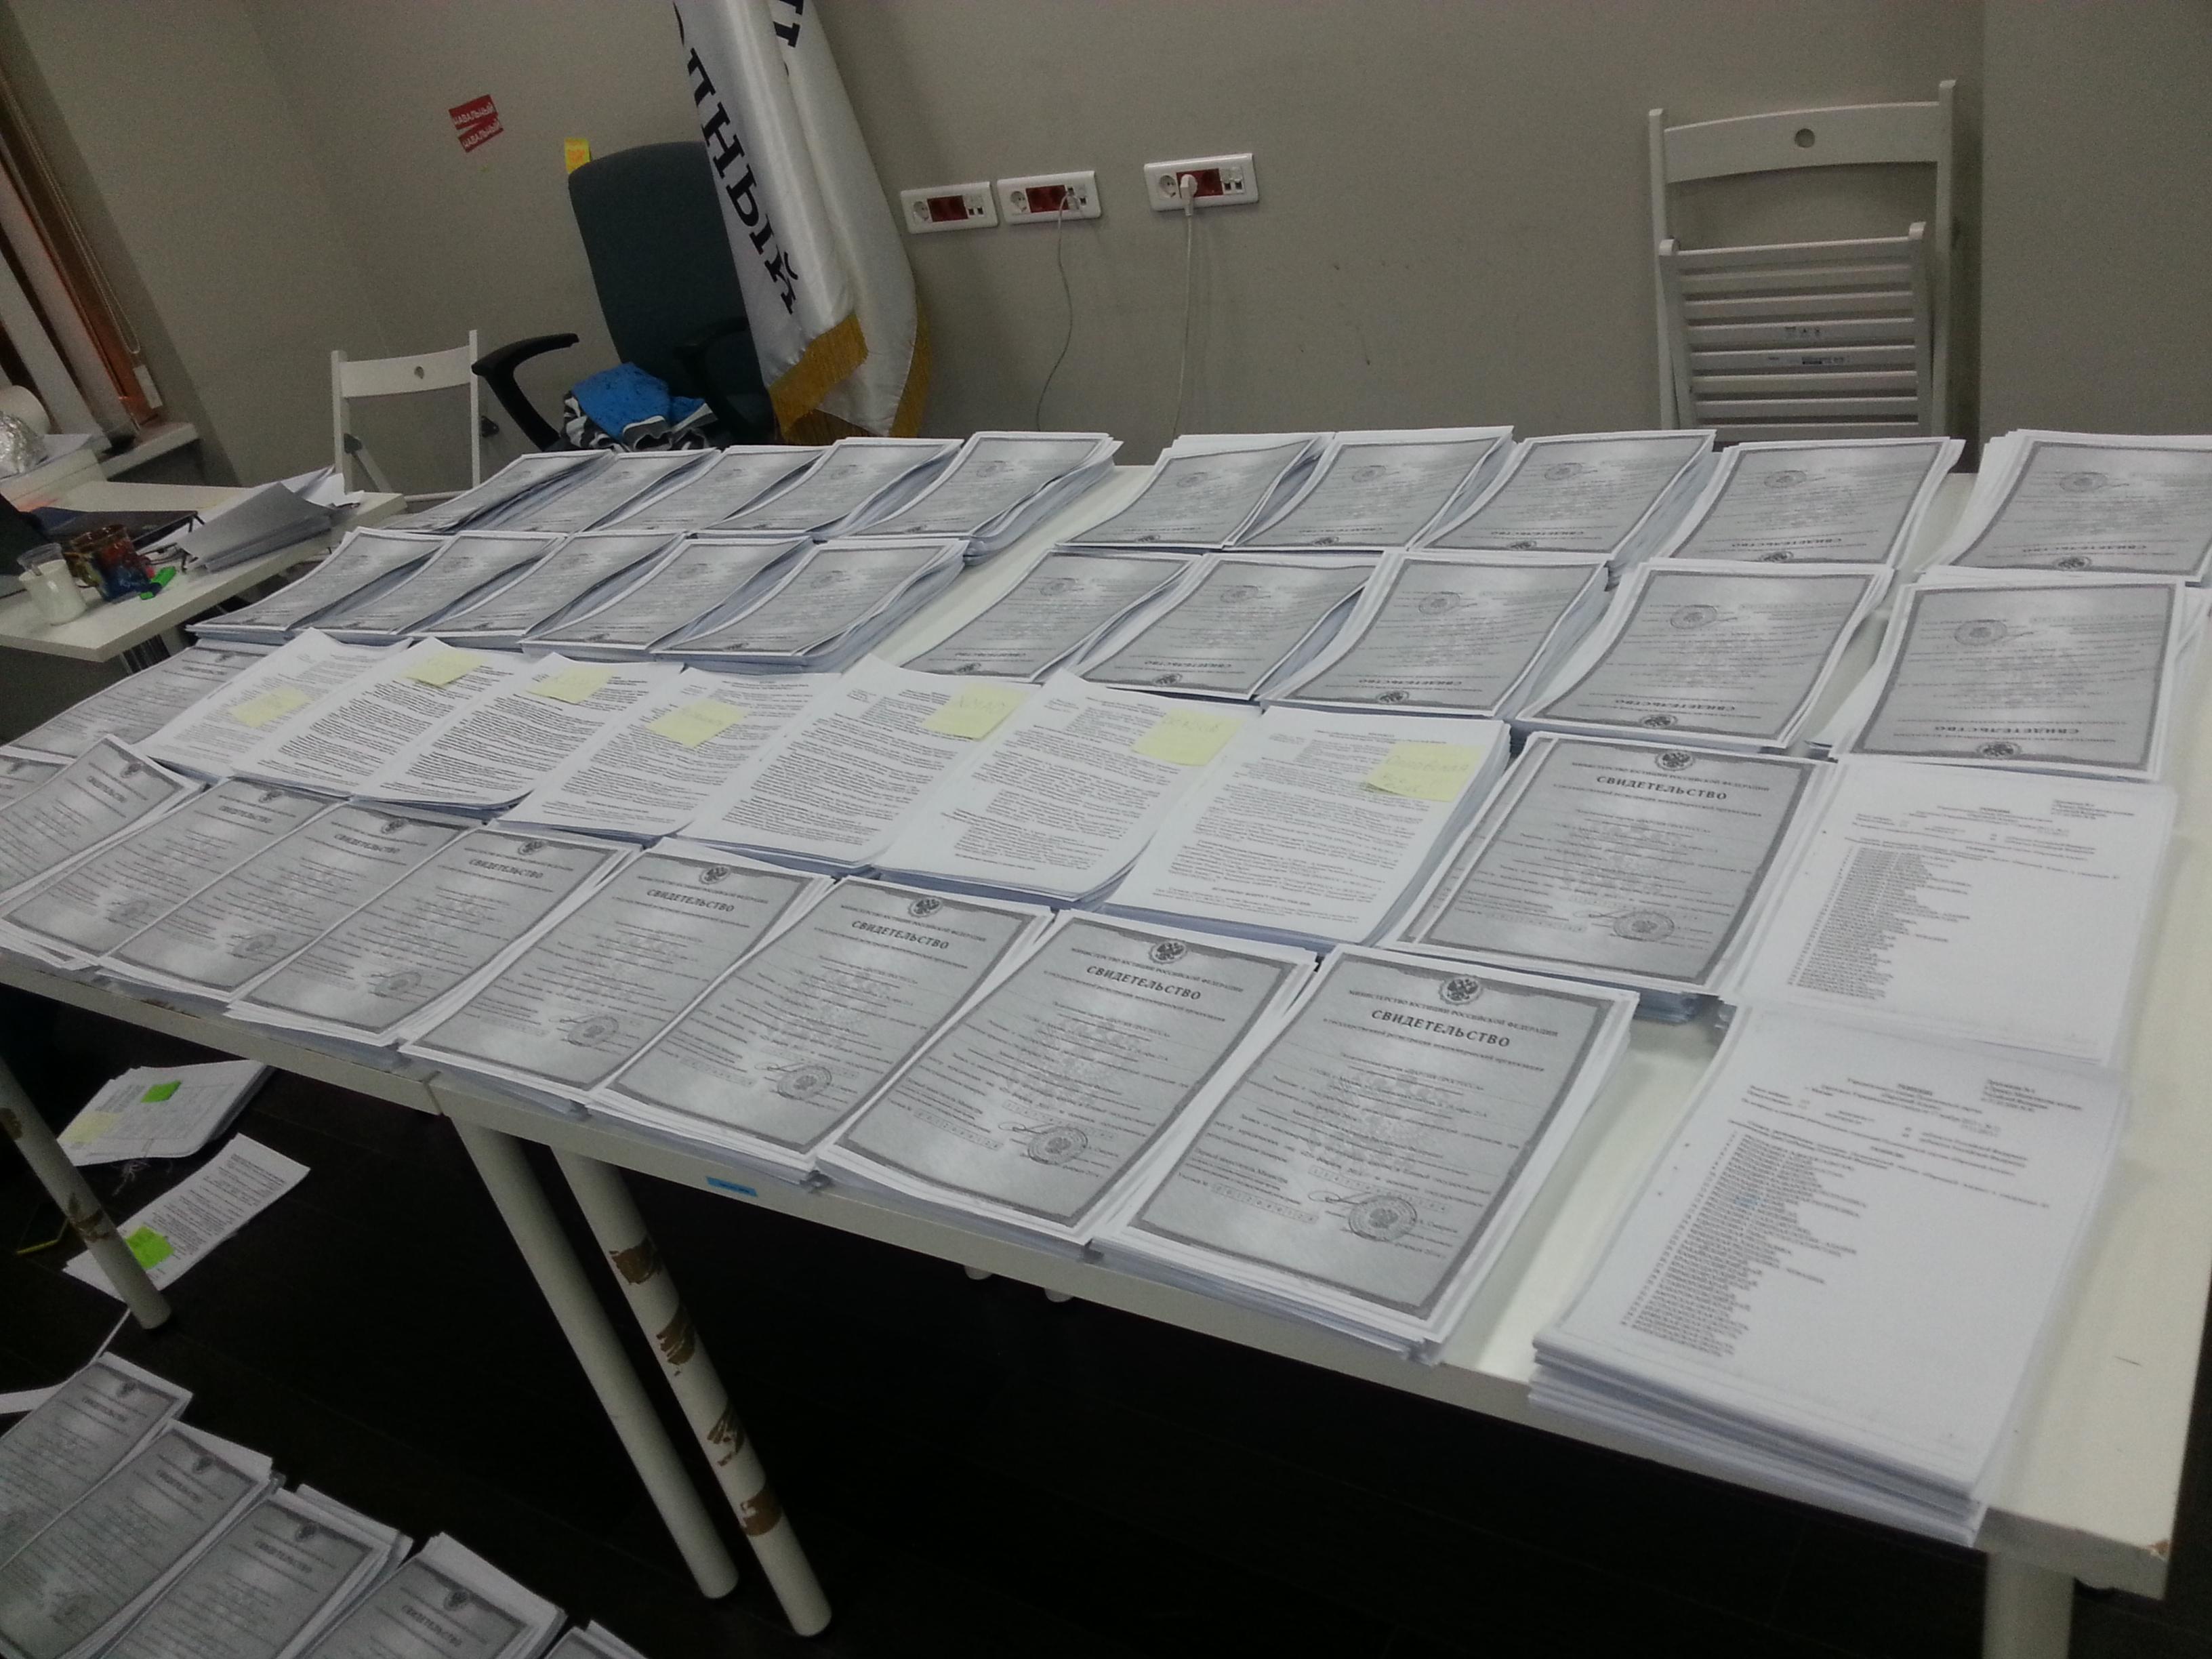 Бумаги на столе